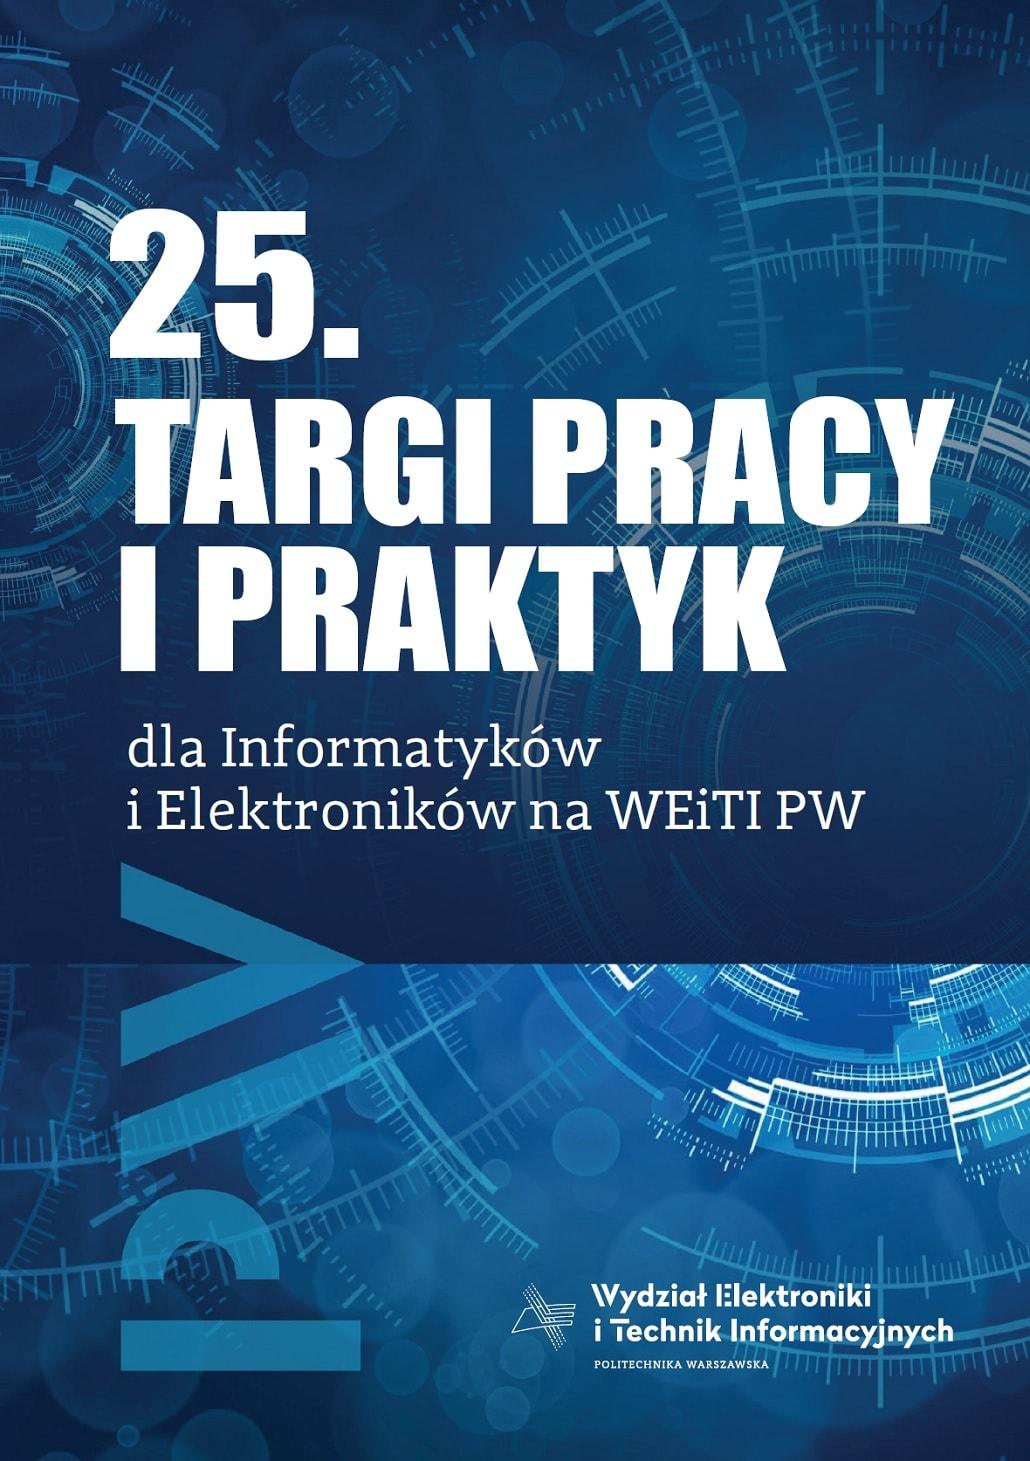 Okładka Katalogu 25. Targów pracy WEiTI PW